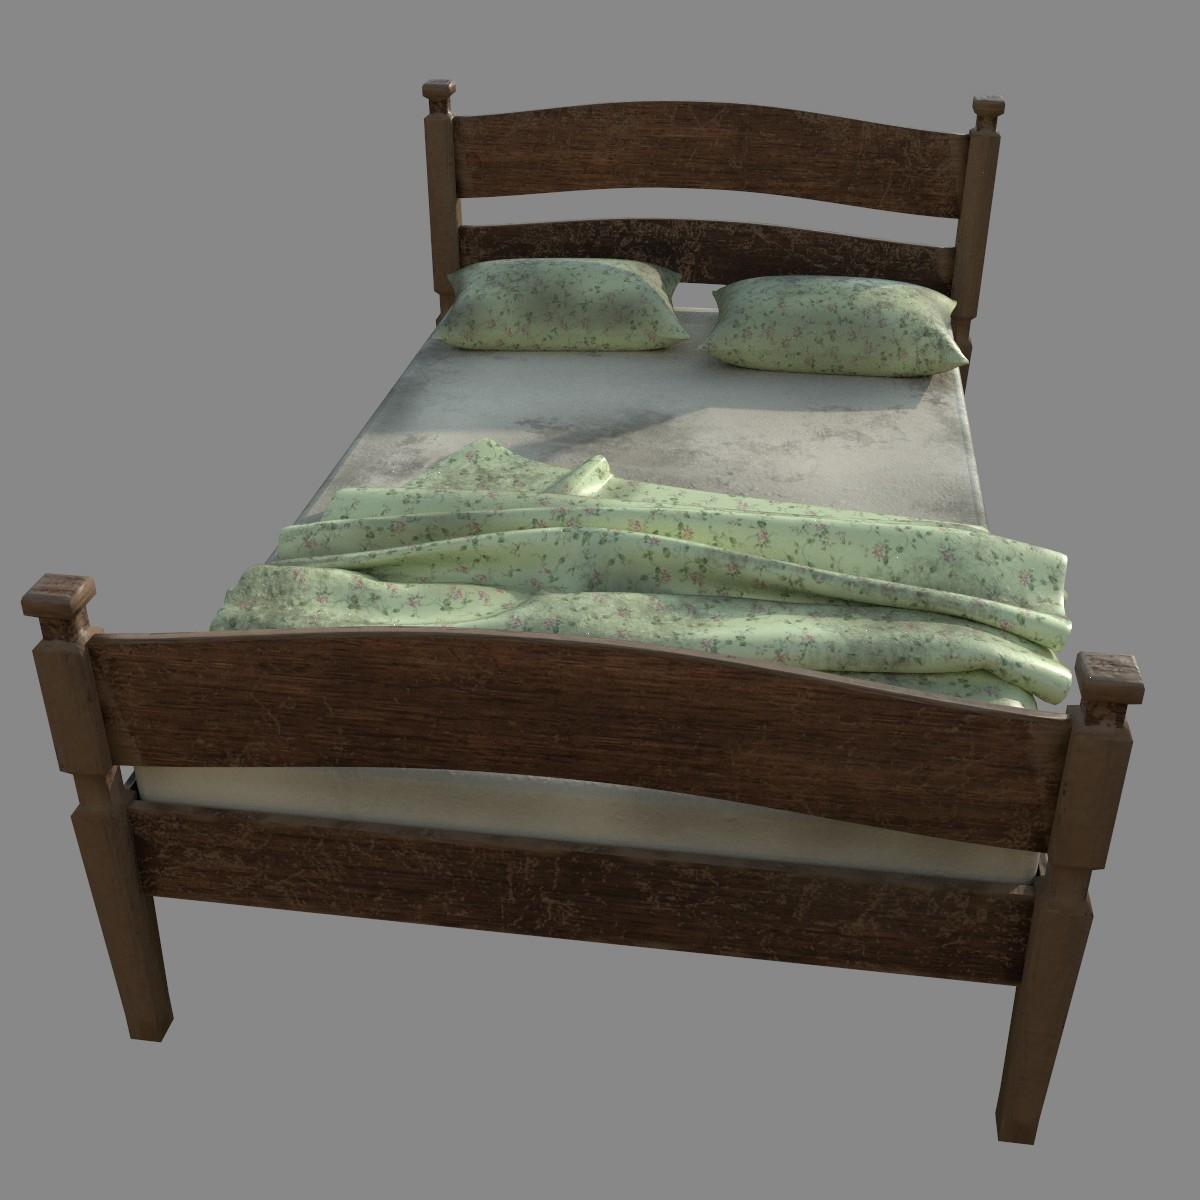 Full Size of Altes Bett Kostenlos Hlzernes 3d Modell Turbosquid 1409056 Hoch 160x200 Mit Lattenrost Kleinkind Französische Betten Komplett Weiß Schubladen Jugendzimmer Bett Altes Bett